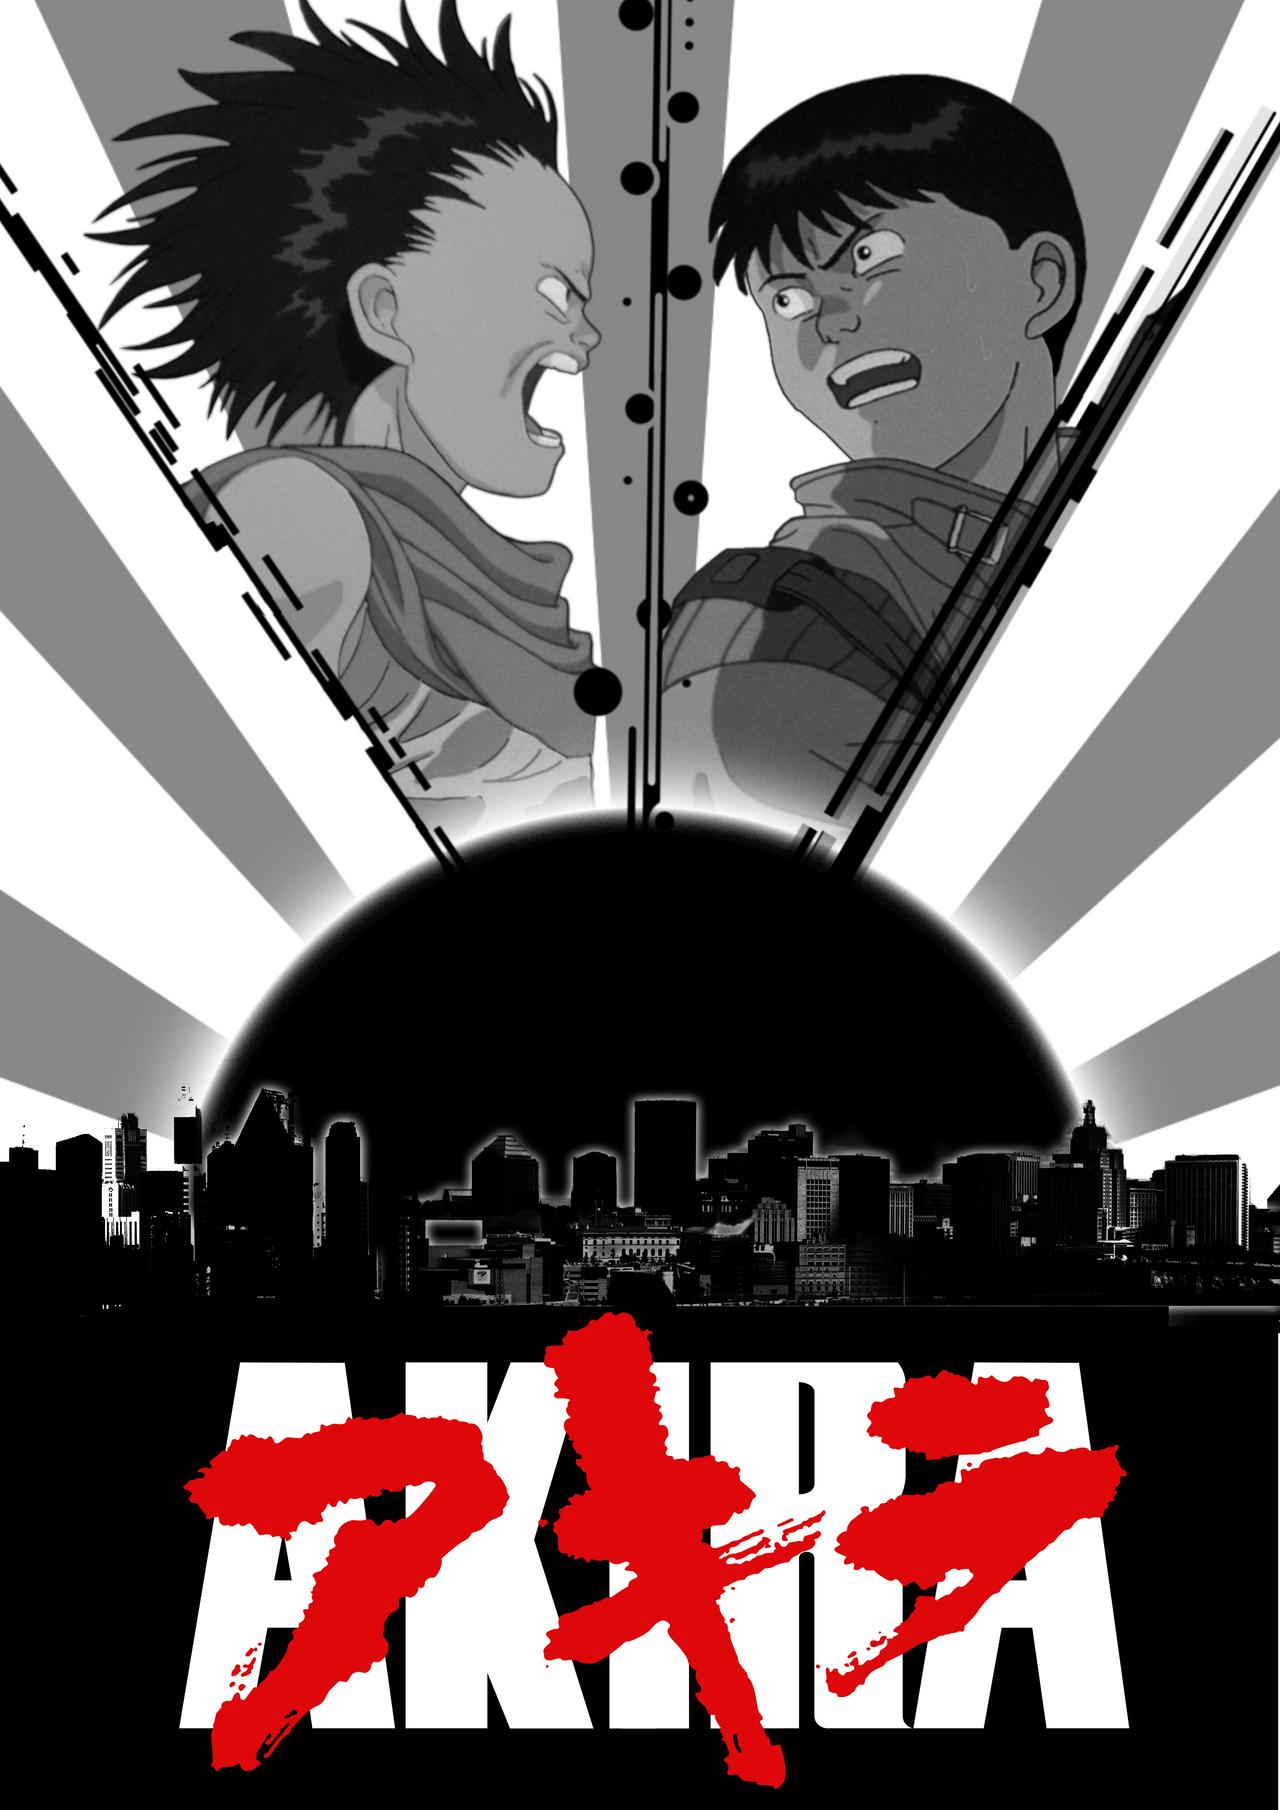 akira_poster_by_flumjumper-d3db2de.png